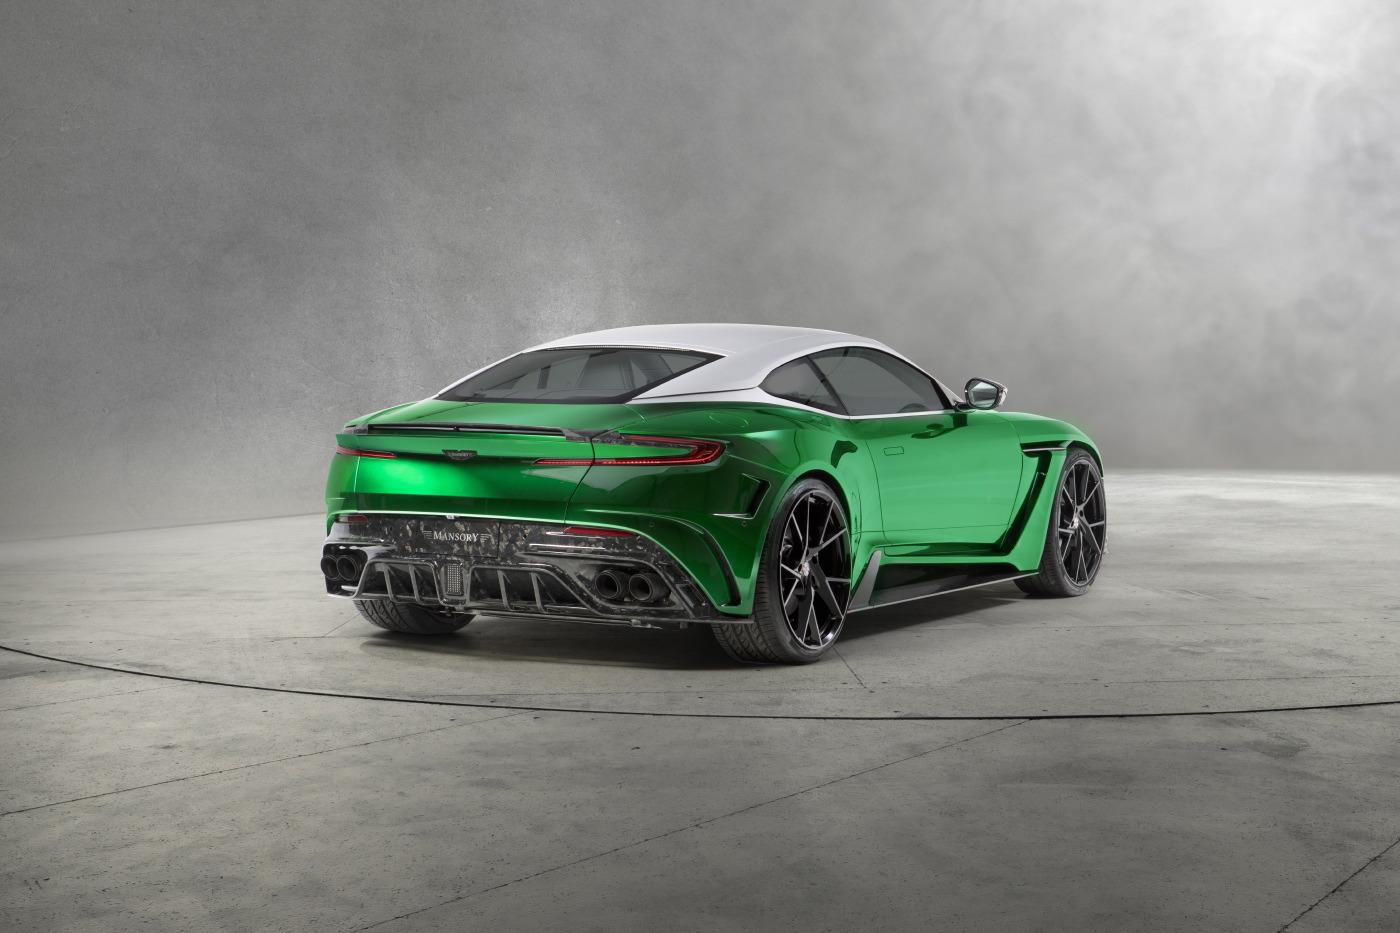 Mansory Cyrus построен на основе Aston-Martin DB11, но делает концепт-кар еще более уникальным.